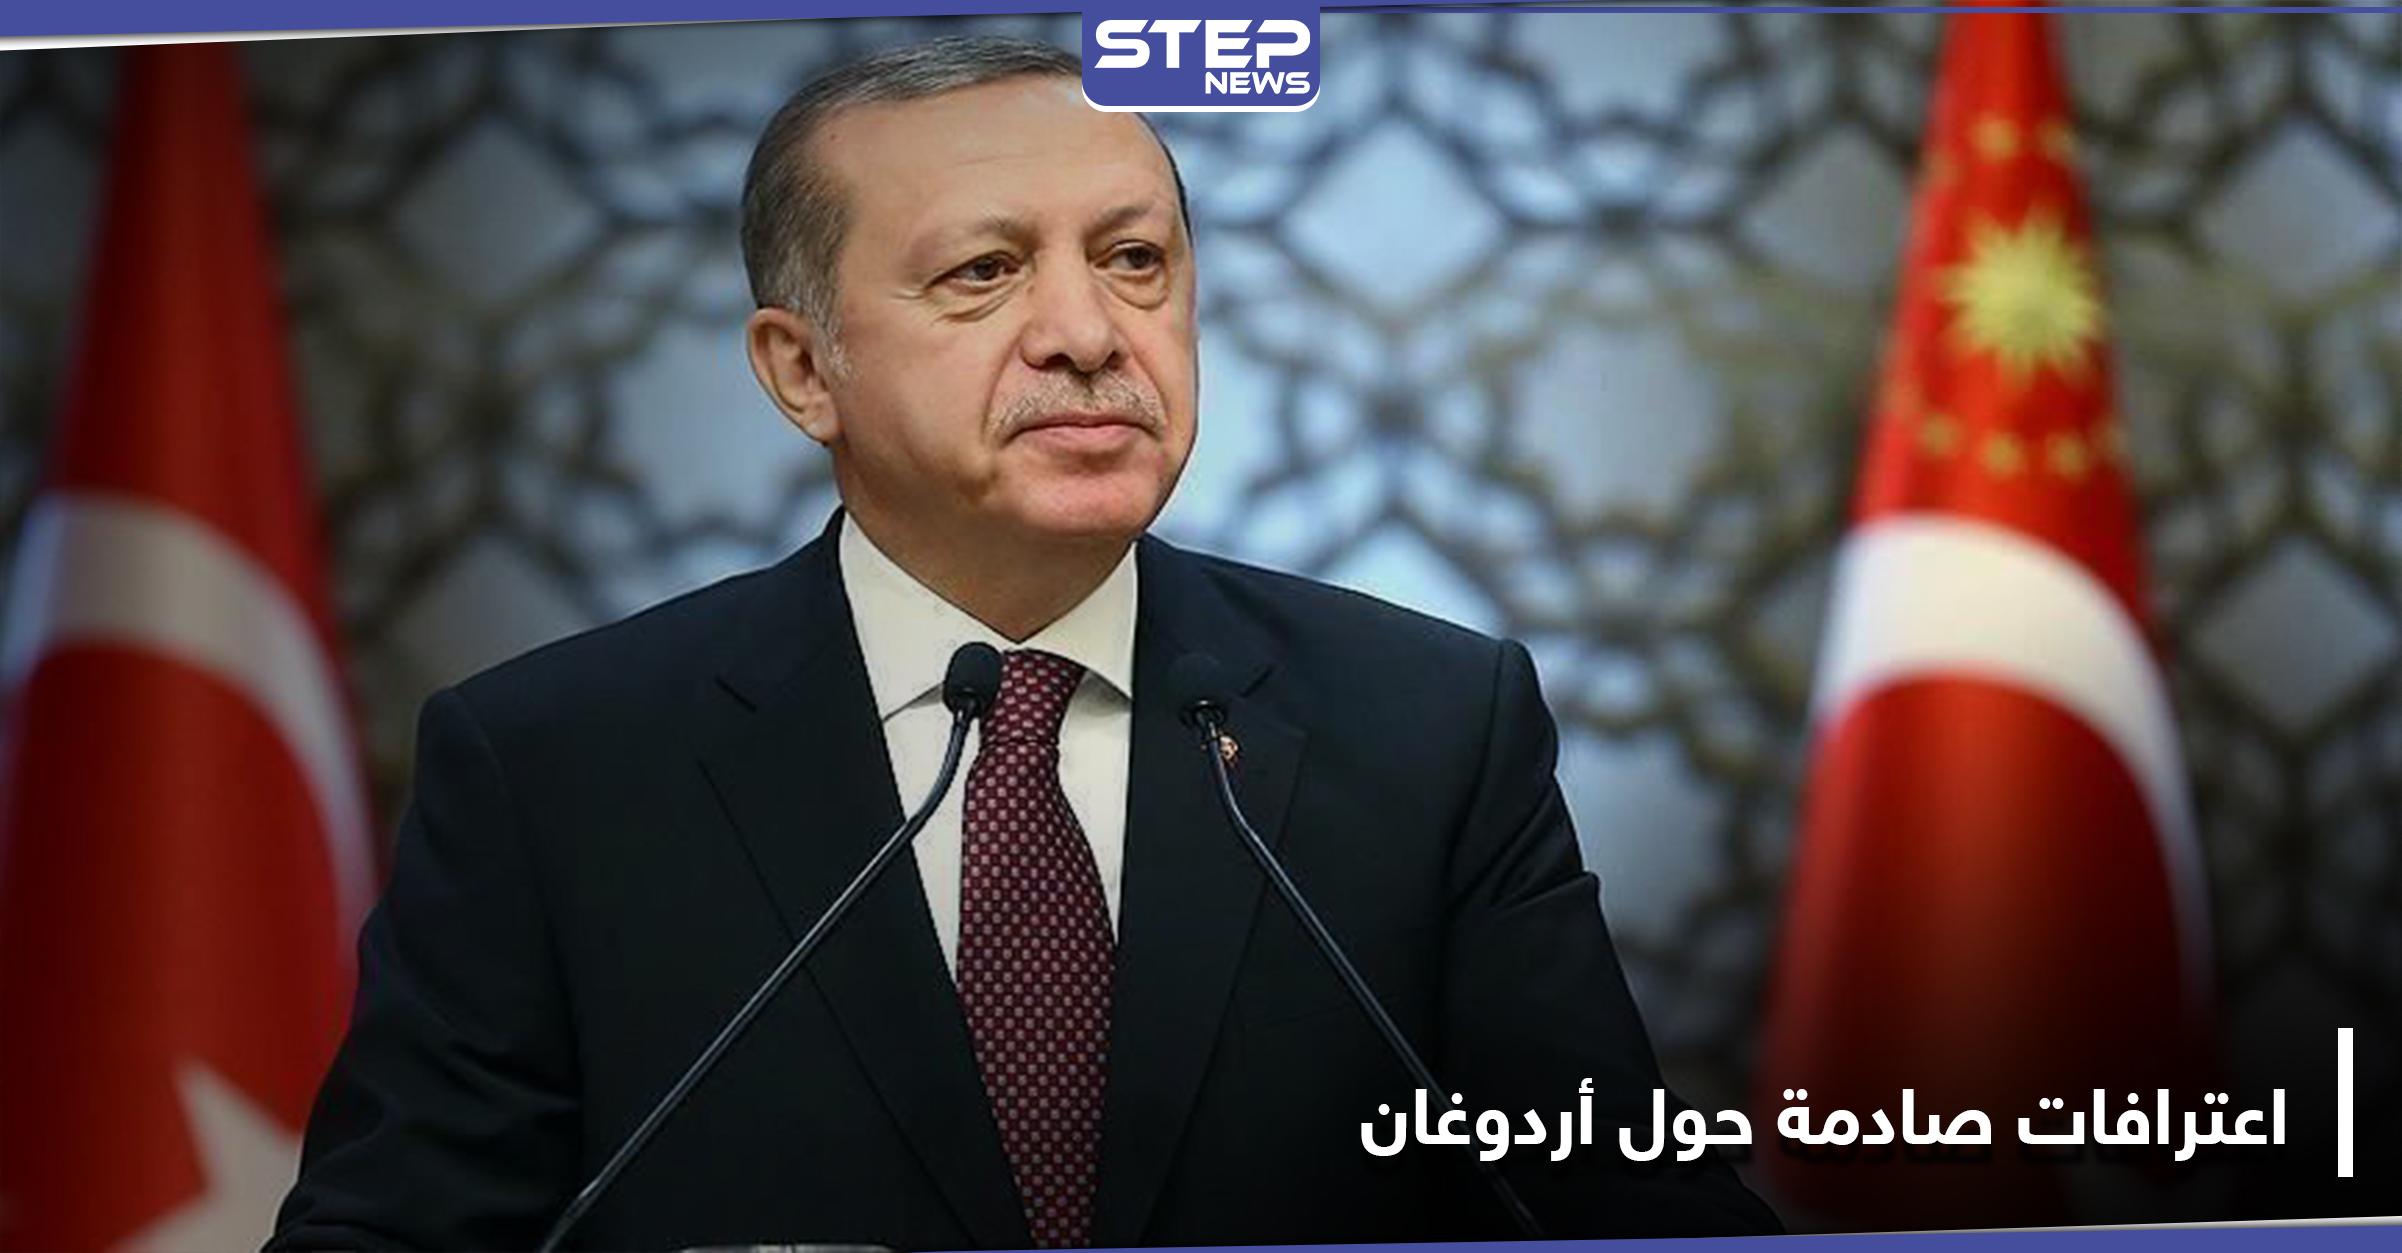 عنصر من المخابرات التركية يلجأ لسلطات النمسا ويدلي باعترافات صادمة عن أردوغان